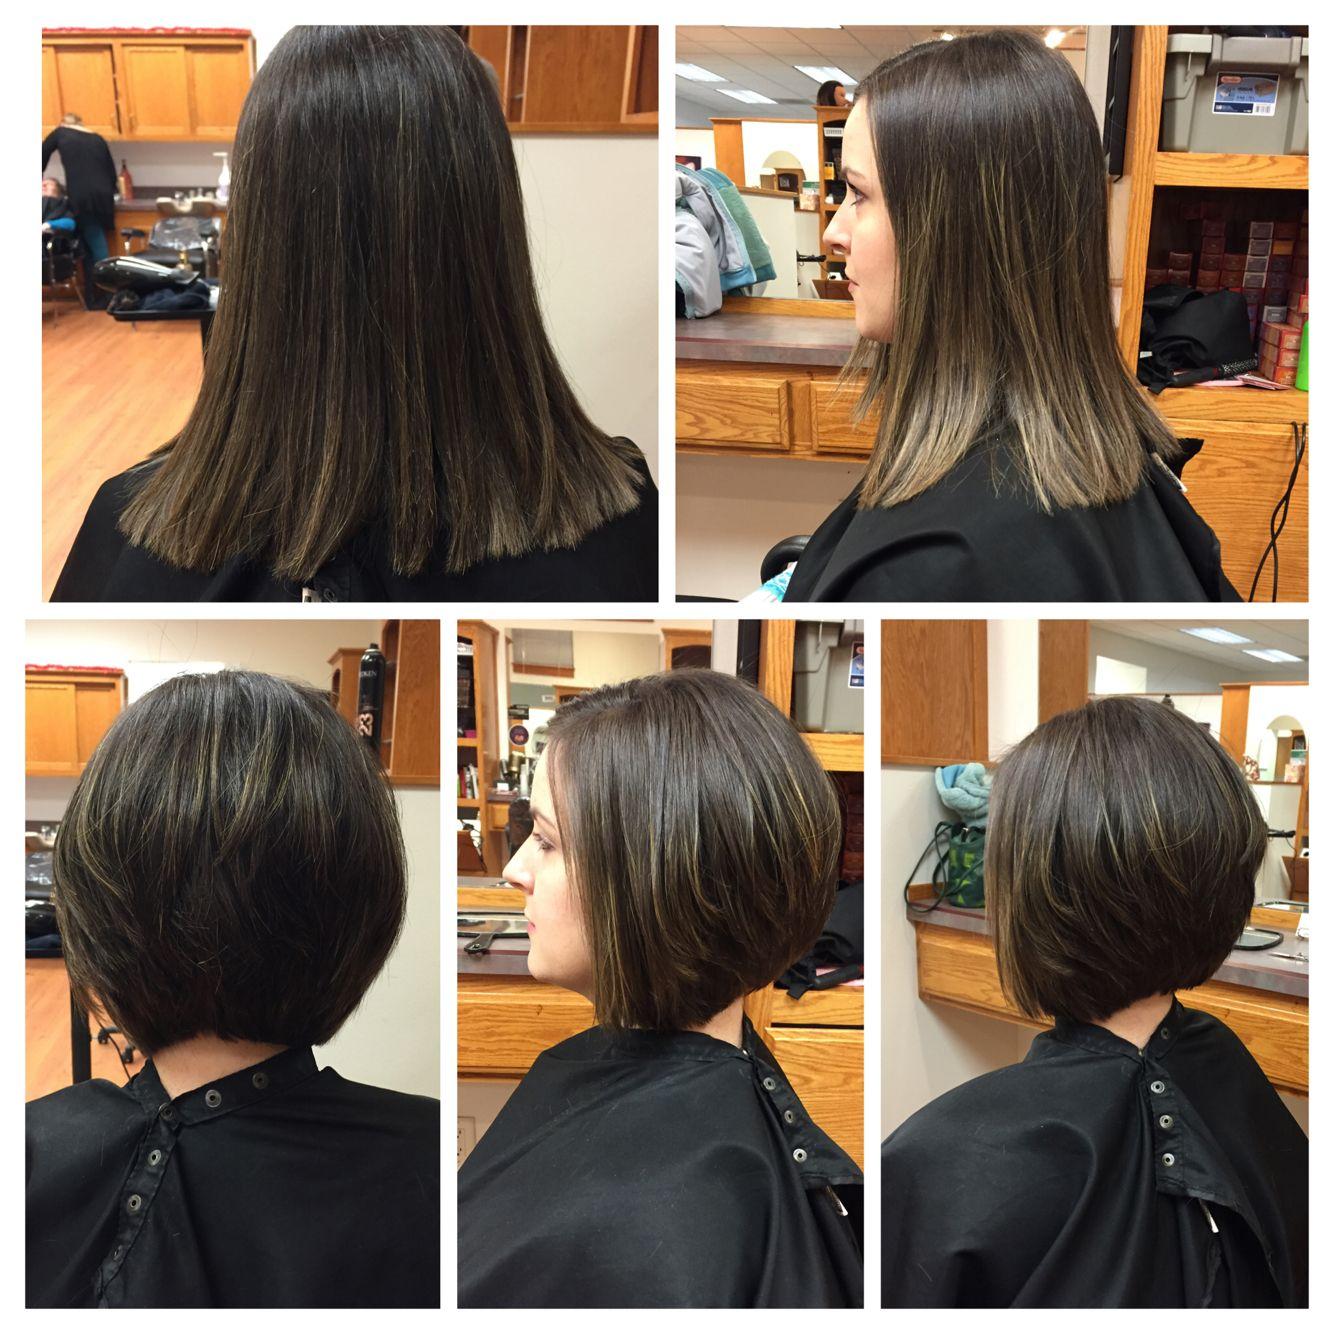 Fashionable Bob Haircut Burtonshair Classic Redken Hairstyles - Haircut missoula